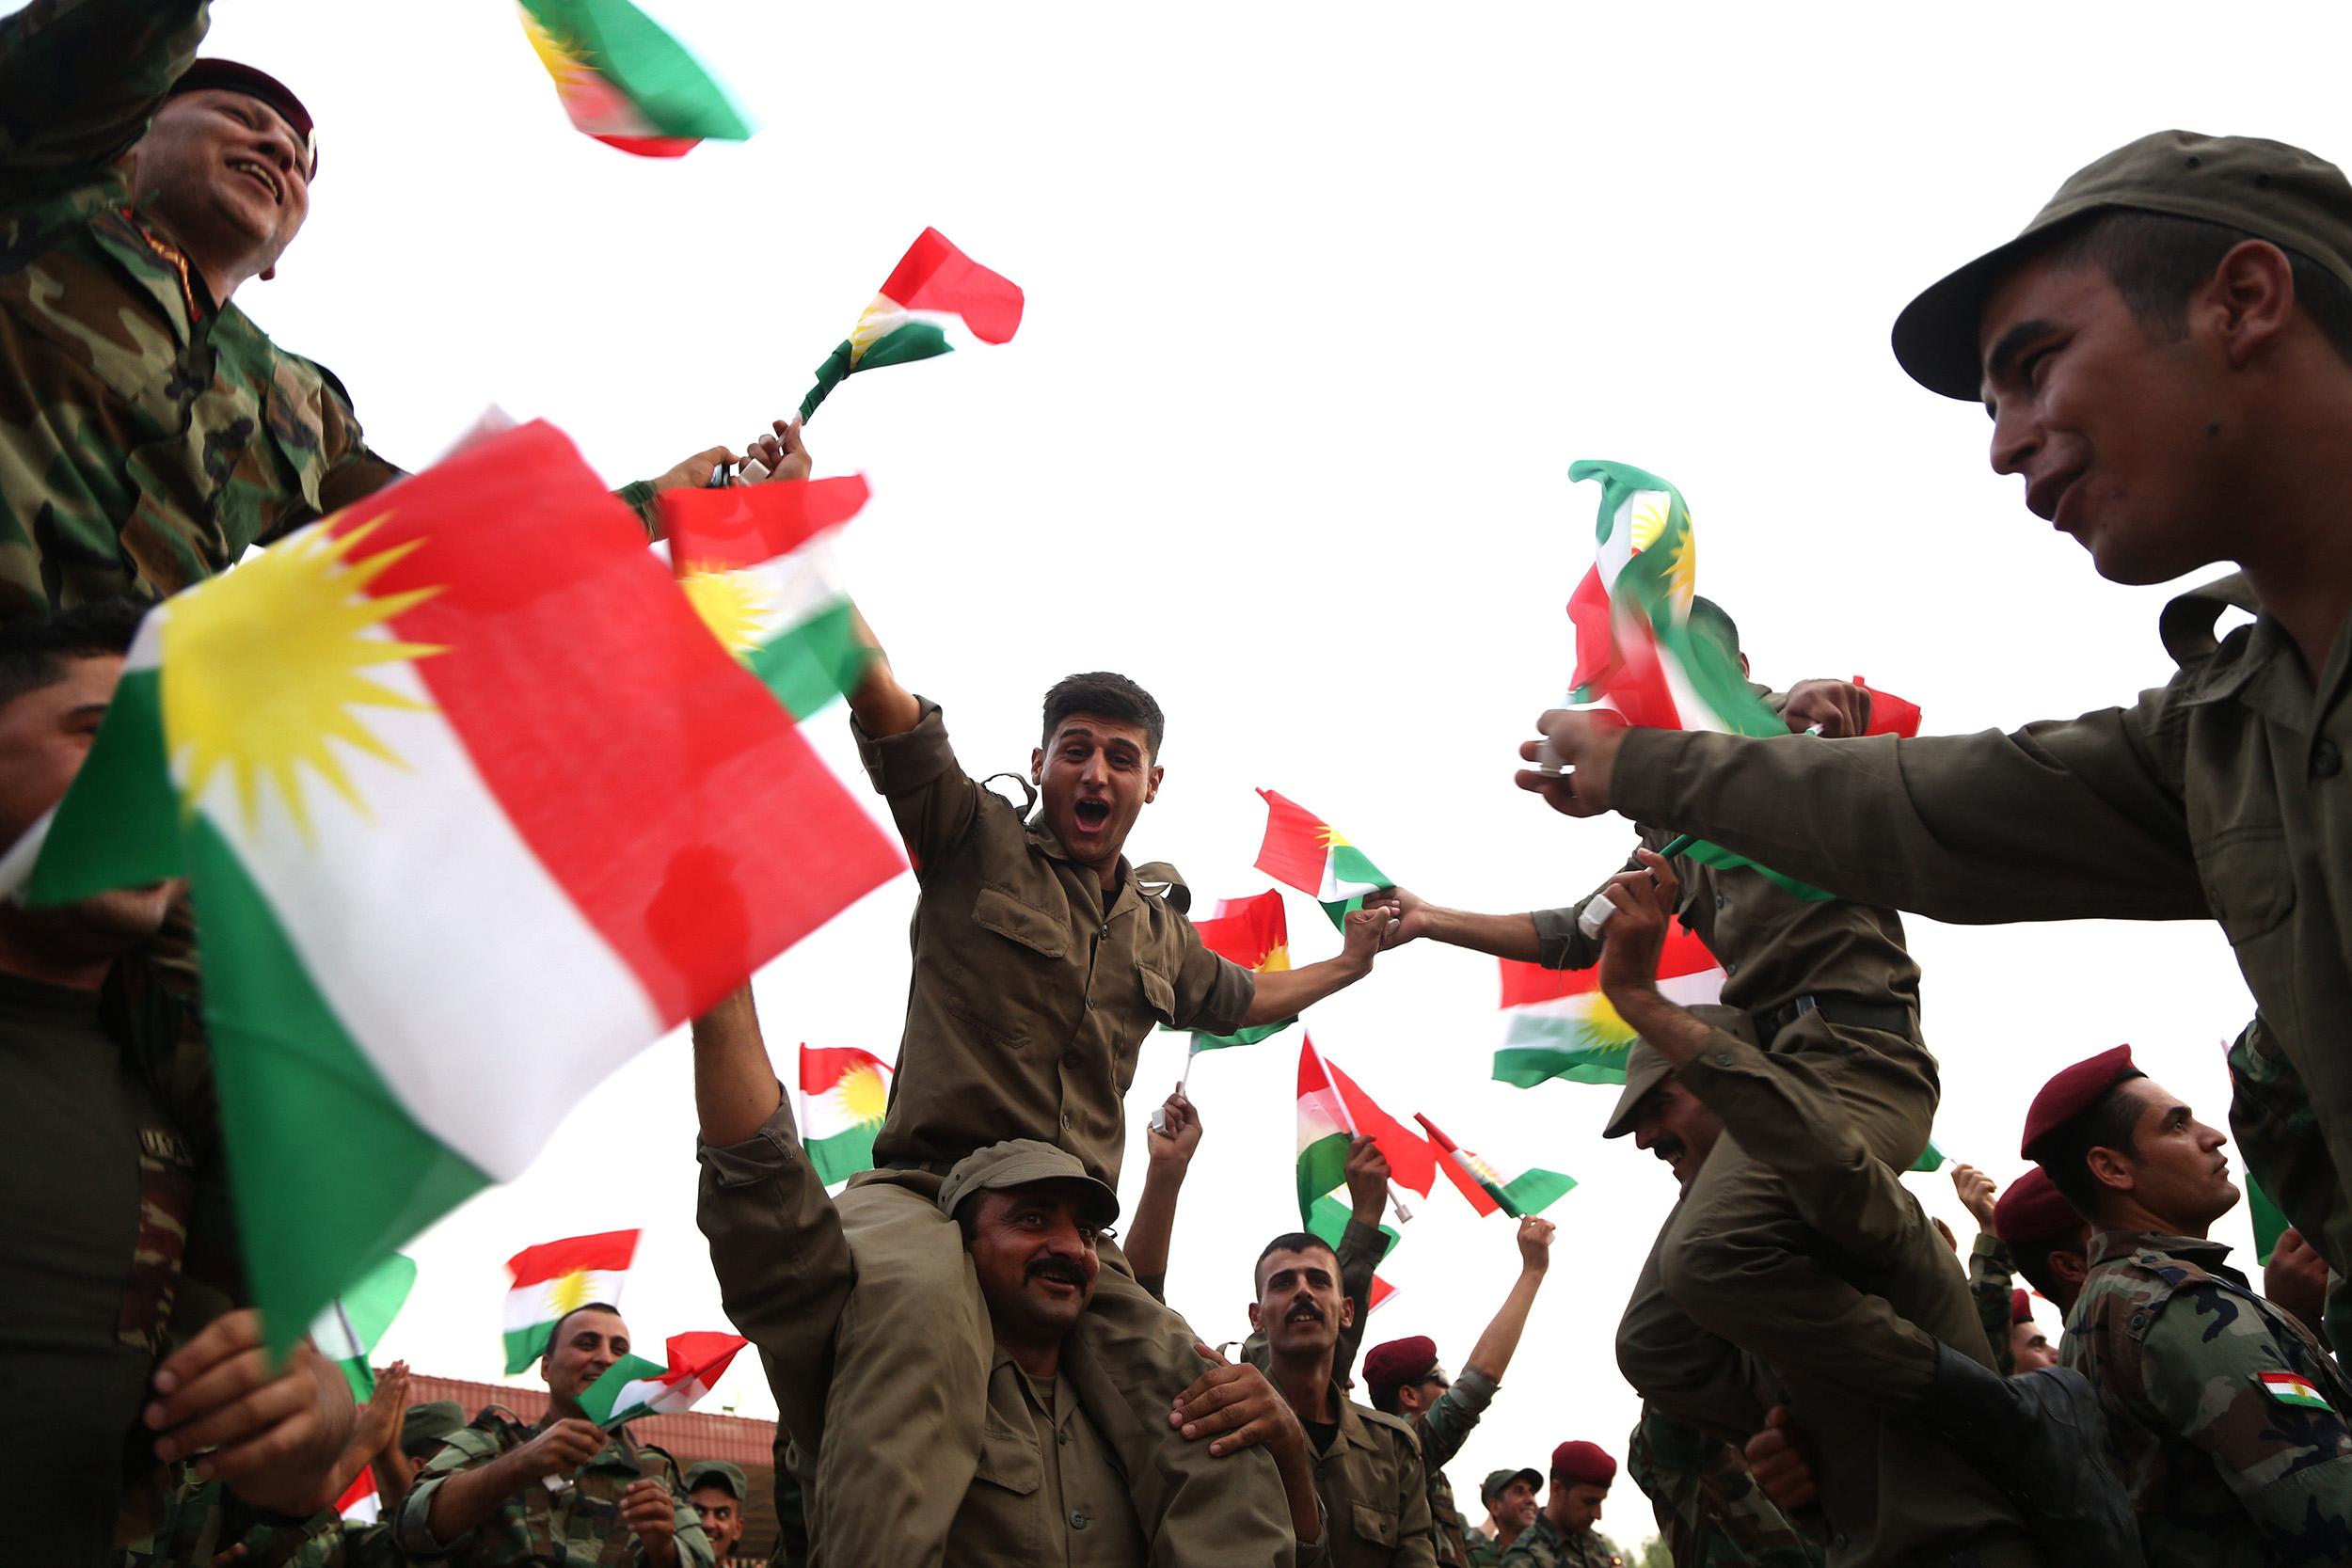 Image: Referendum for Independence for Kurdistan